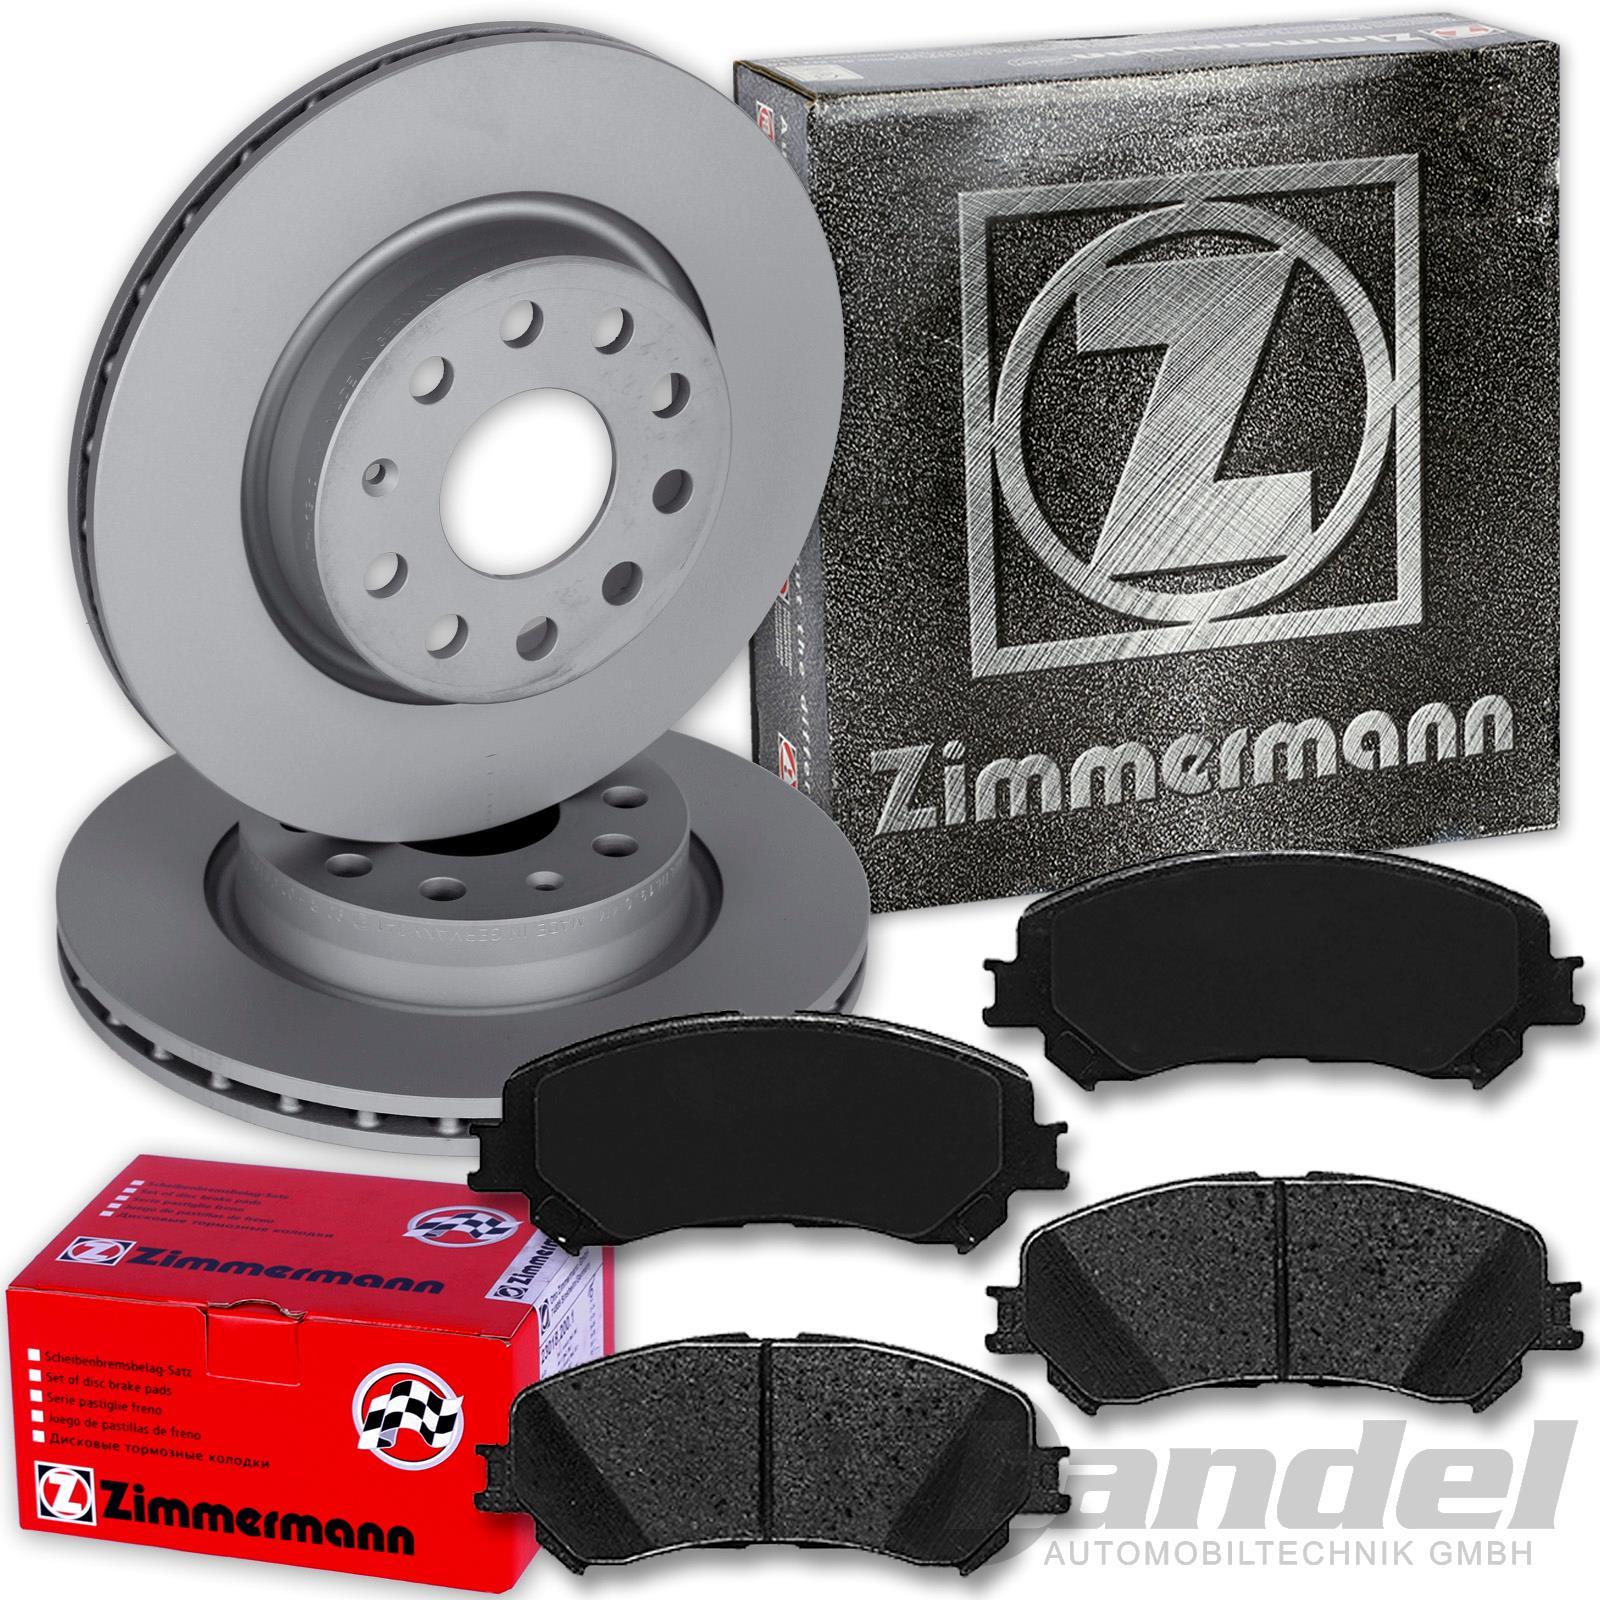 ZIMMERMANN Bremsbeläge Bremsklötze für RENAULT CLIO 3 MEGANE 2 SCENIC 2 vorne